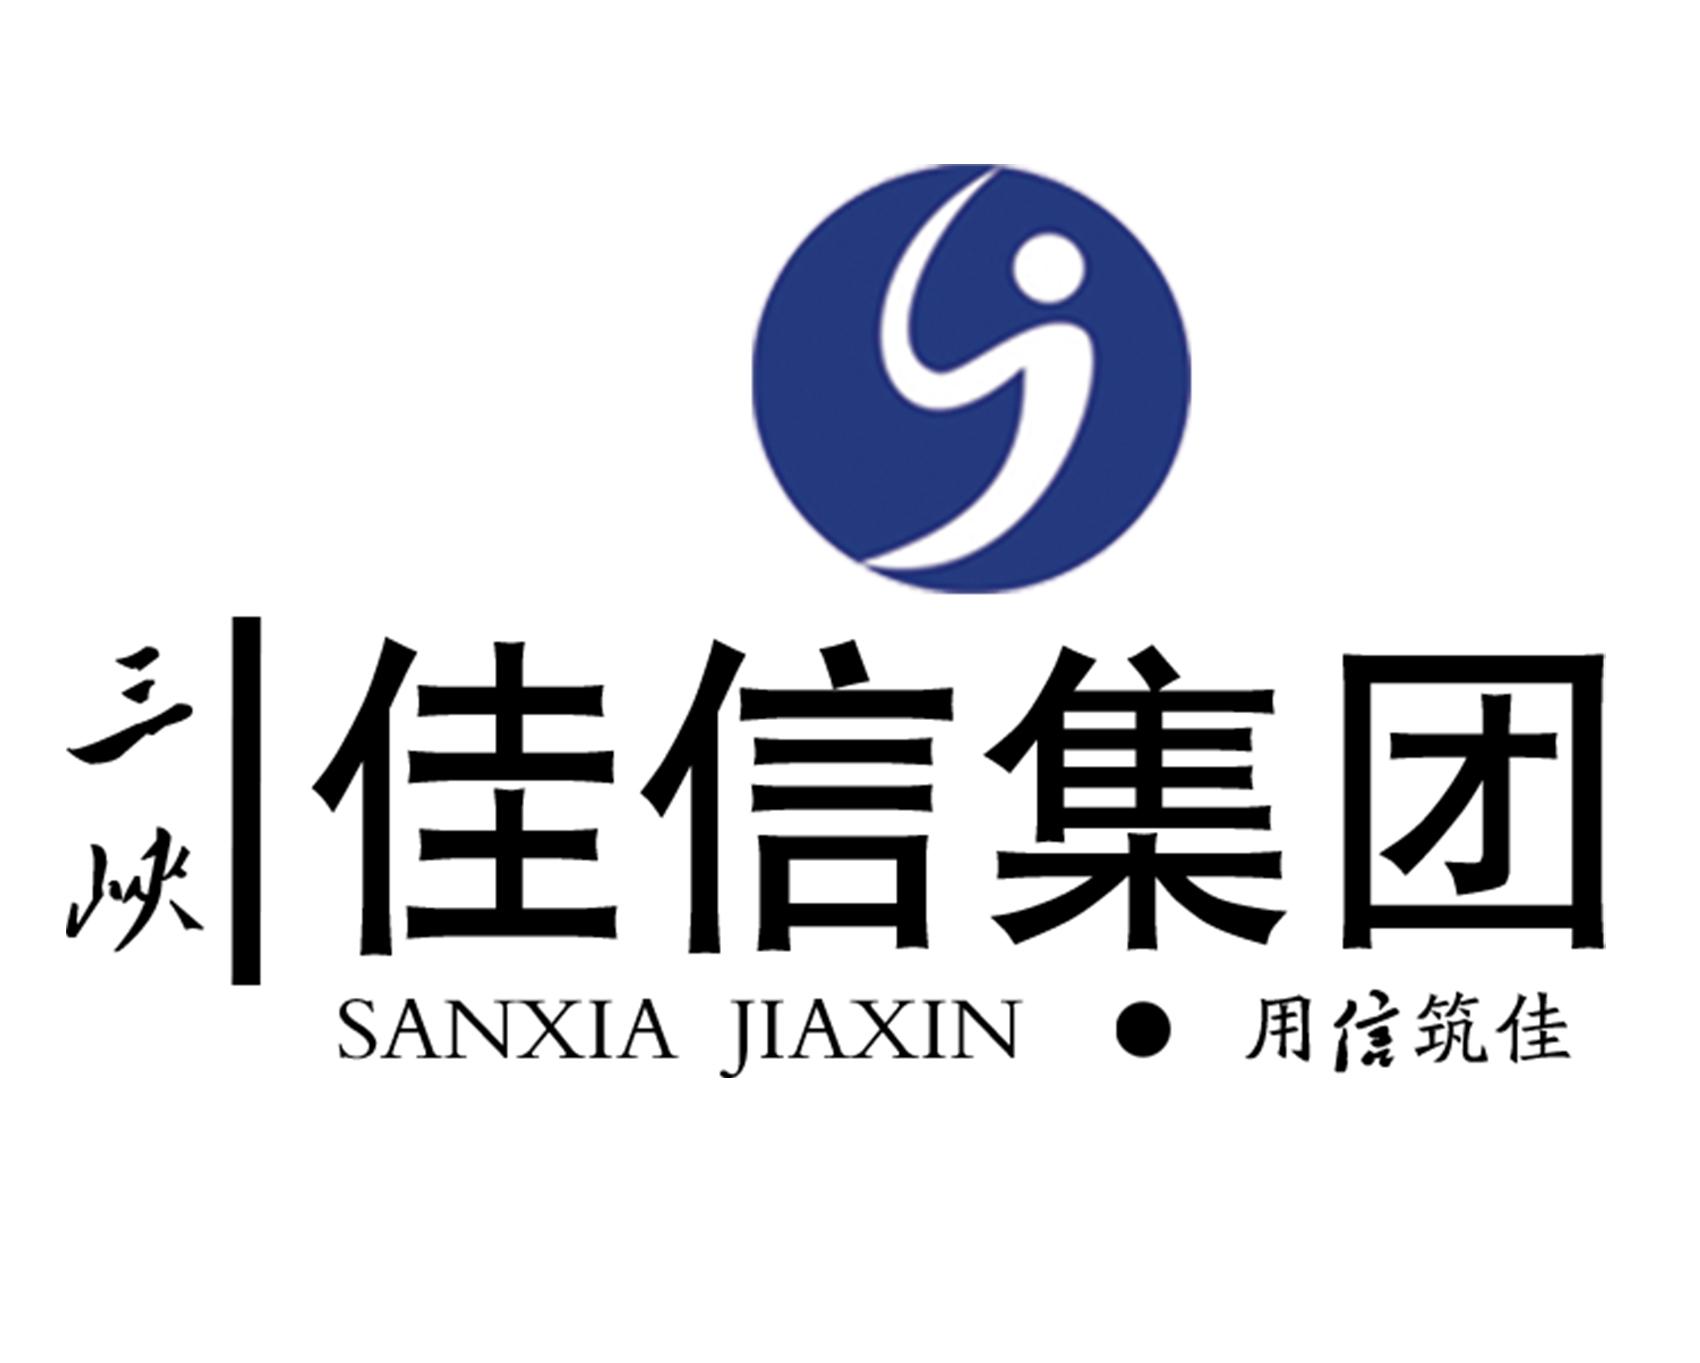 重慶市三峽佳信實業(集團)有限公司